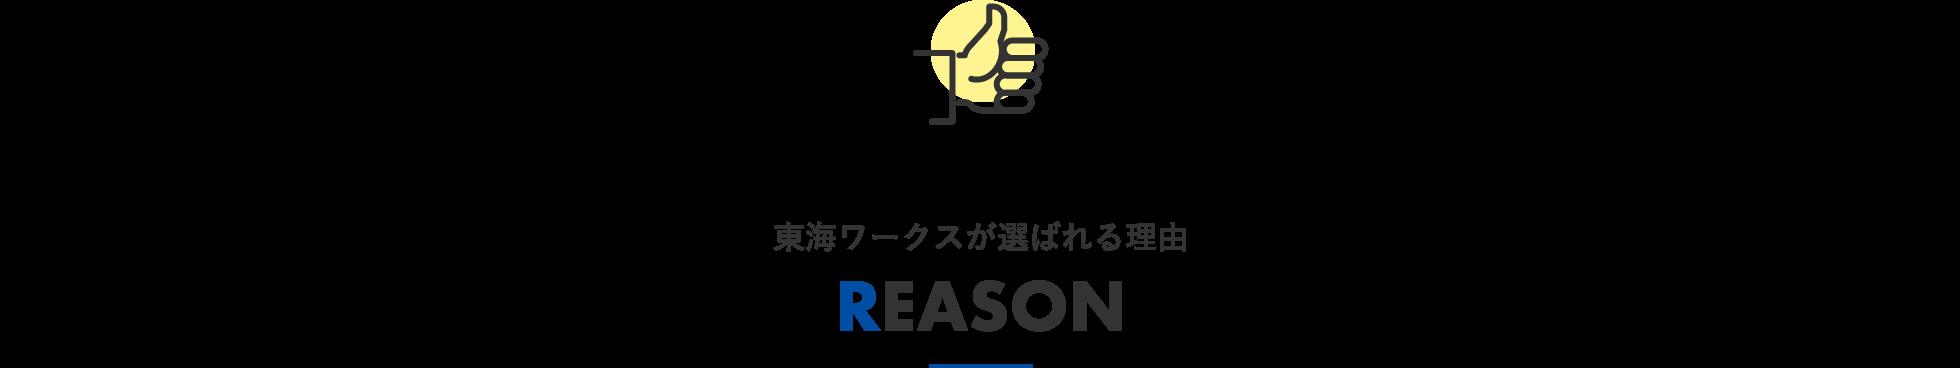 東海ワークスが選ばれる理由 REASON